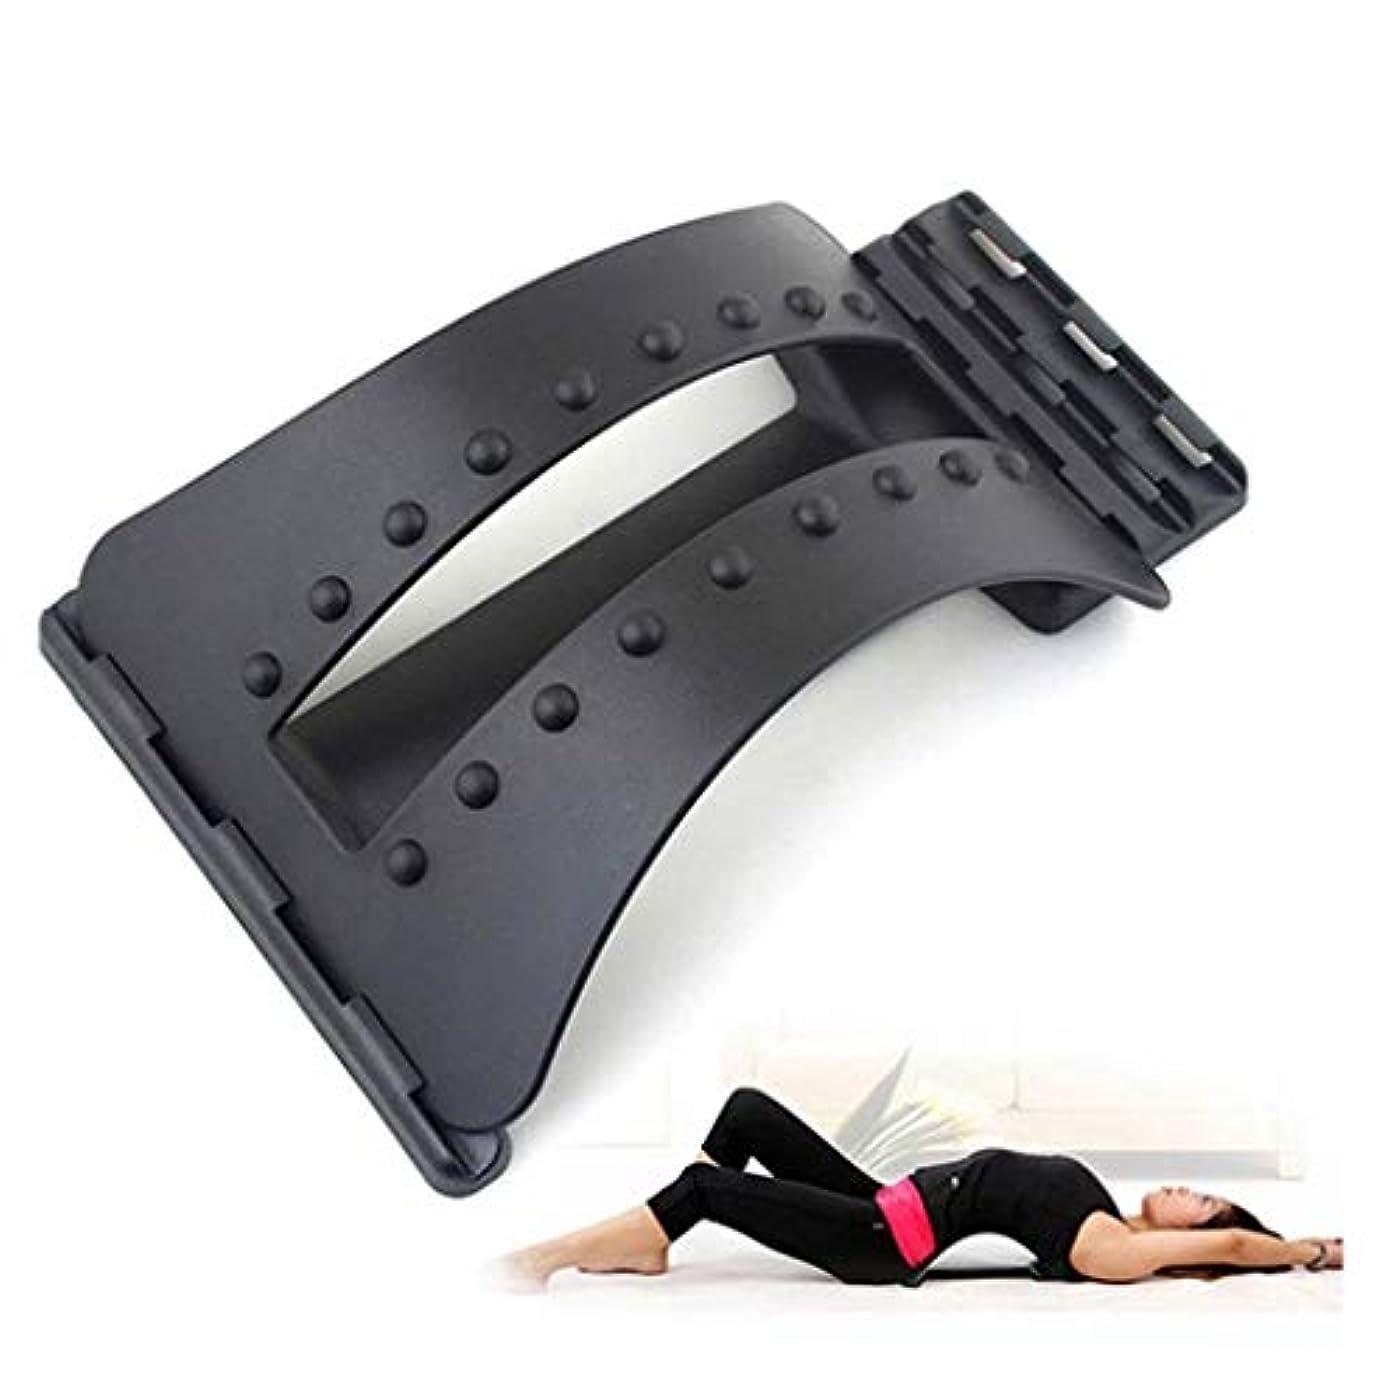 後悔グレートバリアリーフ類推バックマッサージ、マジックバックサポートとストレッチストレッチャーマジックストレッチャーバックストレッチャー腰椎サポートデバイスリラクゼーションパートナー脊椎の痛みを軽減する脊椎マッサージ療法